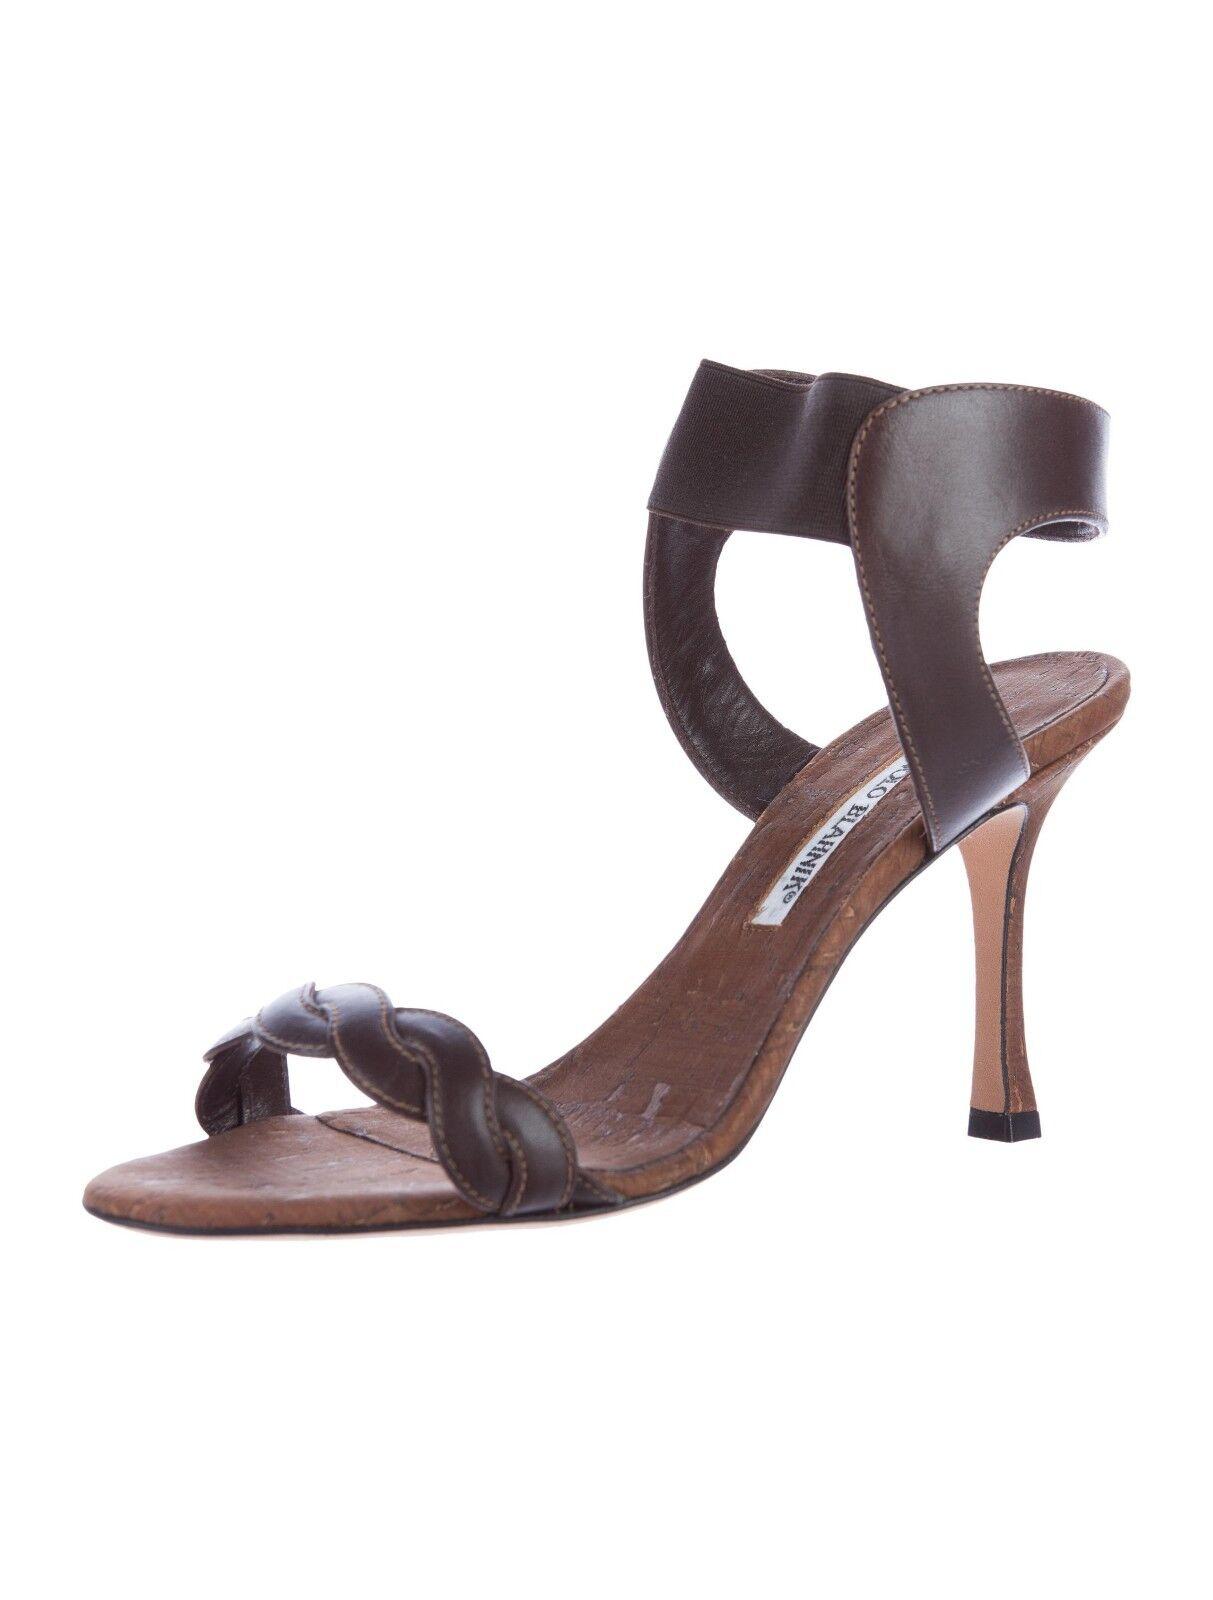 765 Nueva Manolo Blahnik trepe Marrón Cuero Cuero Cuero Corcho Sandalias Zapatos 36 Rara